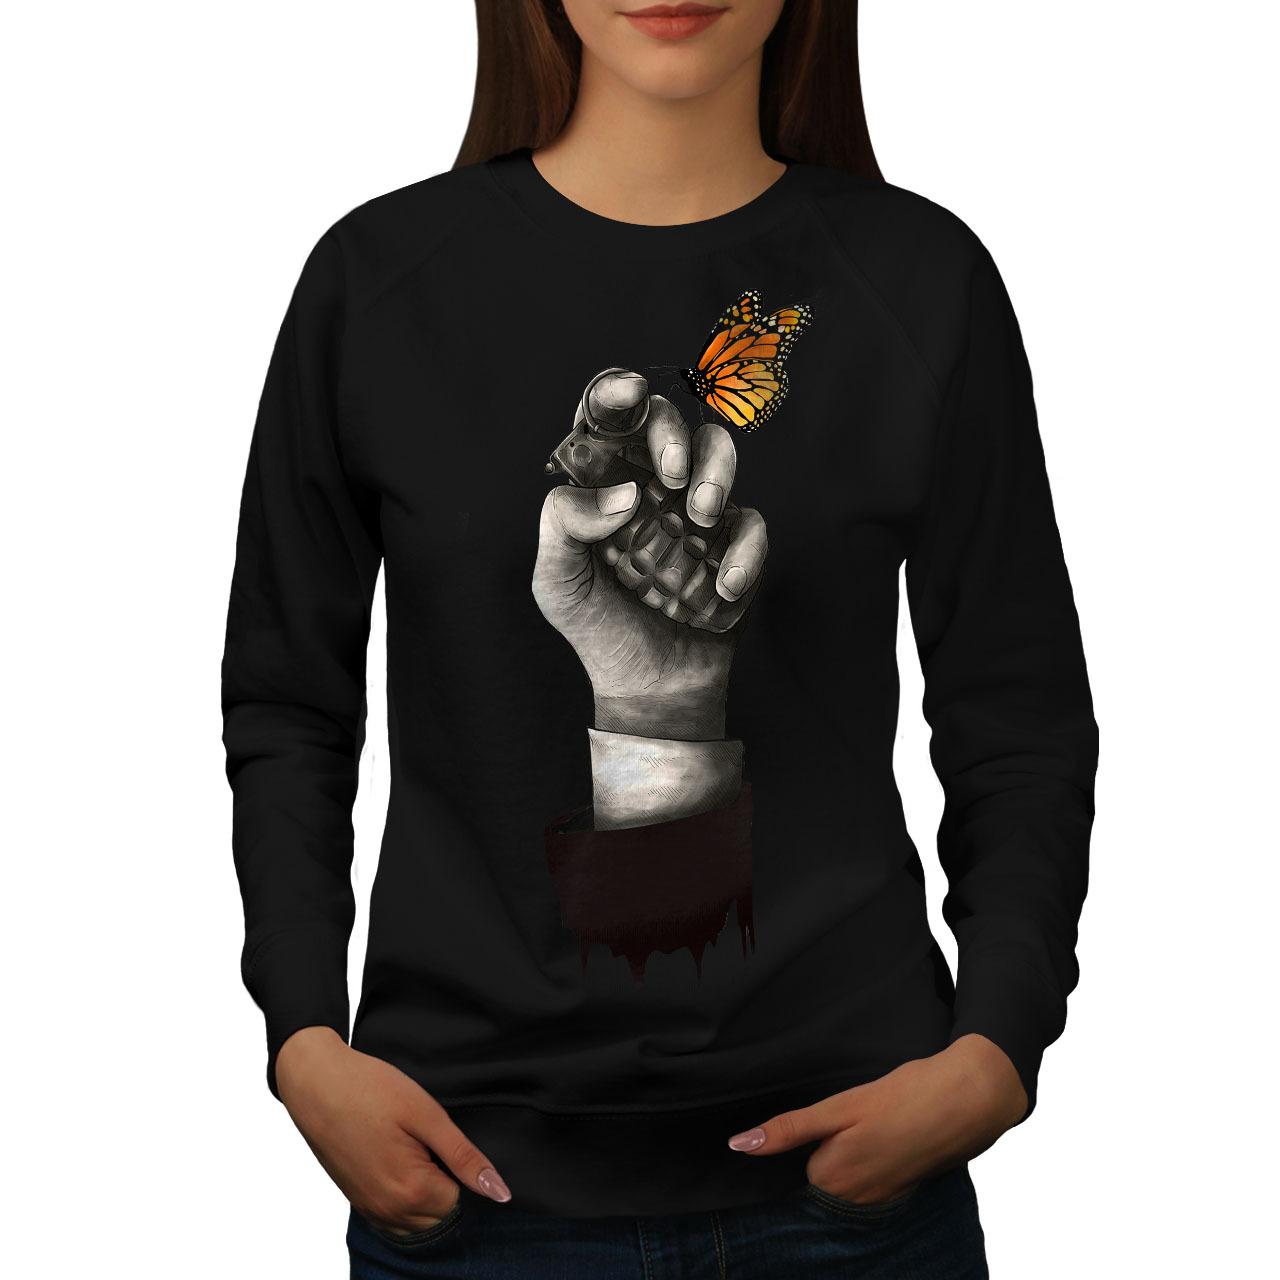 Bombs Butterfly Fantasy Jumper  Women Sweatshirt - $18.99